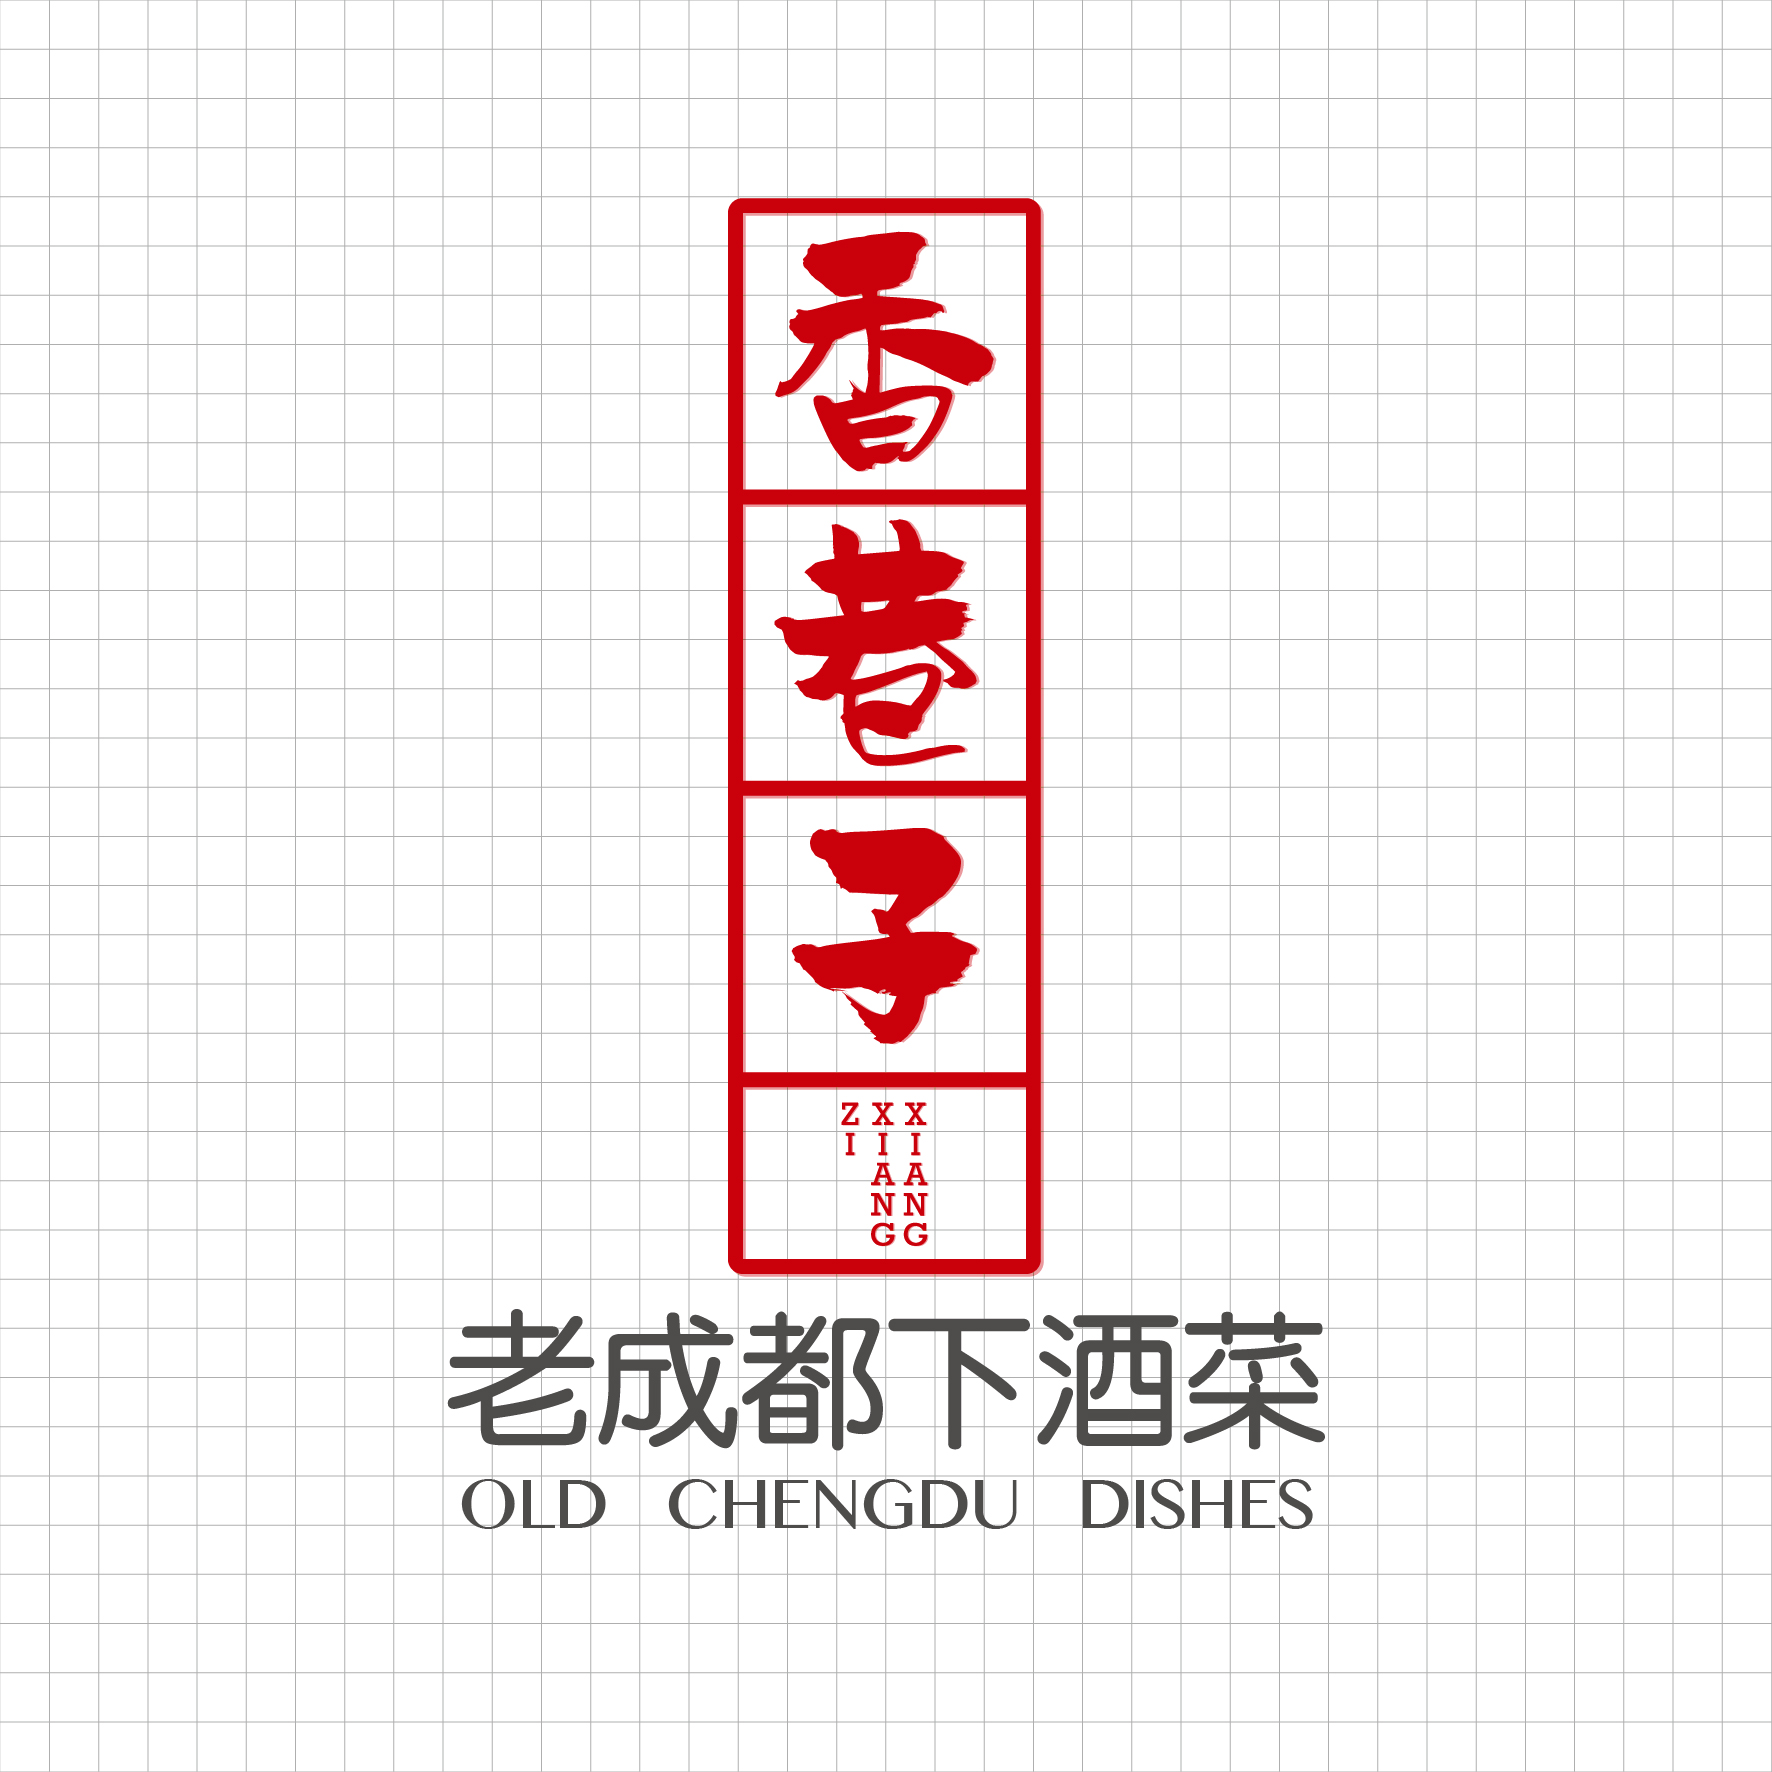 餐饮logo设计_2967007_k68威客网